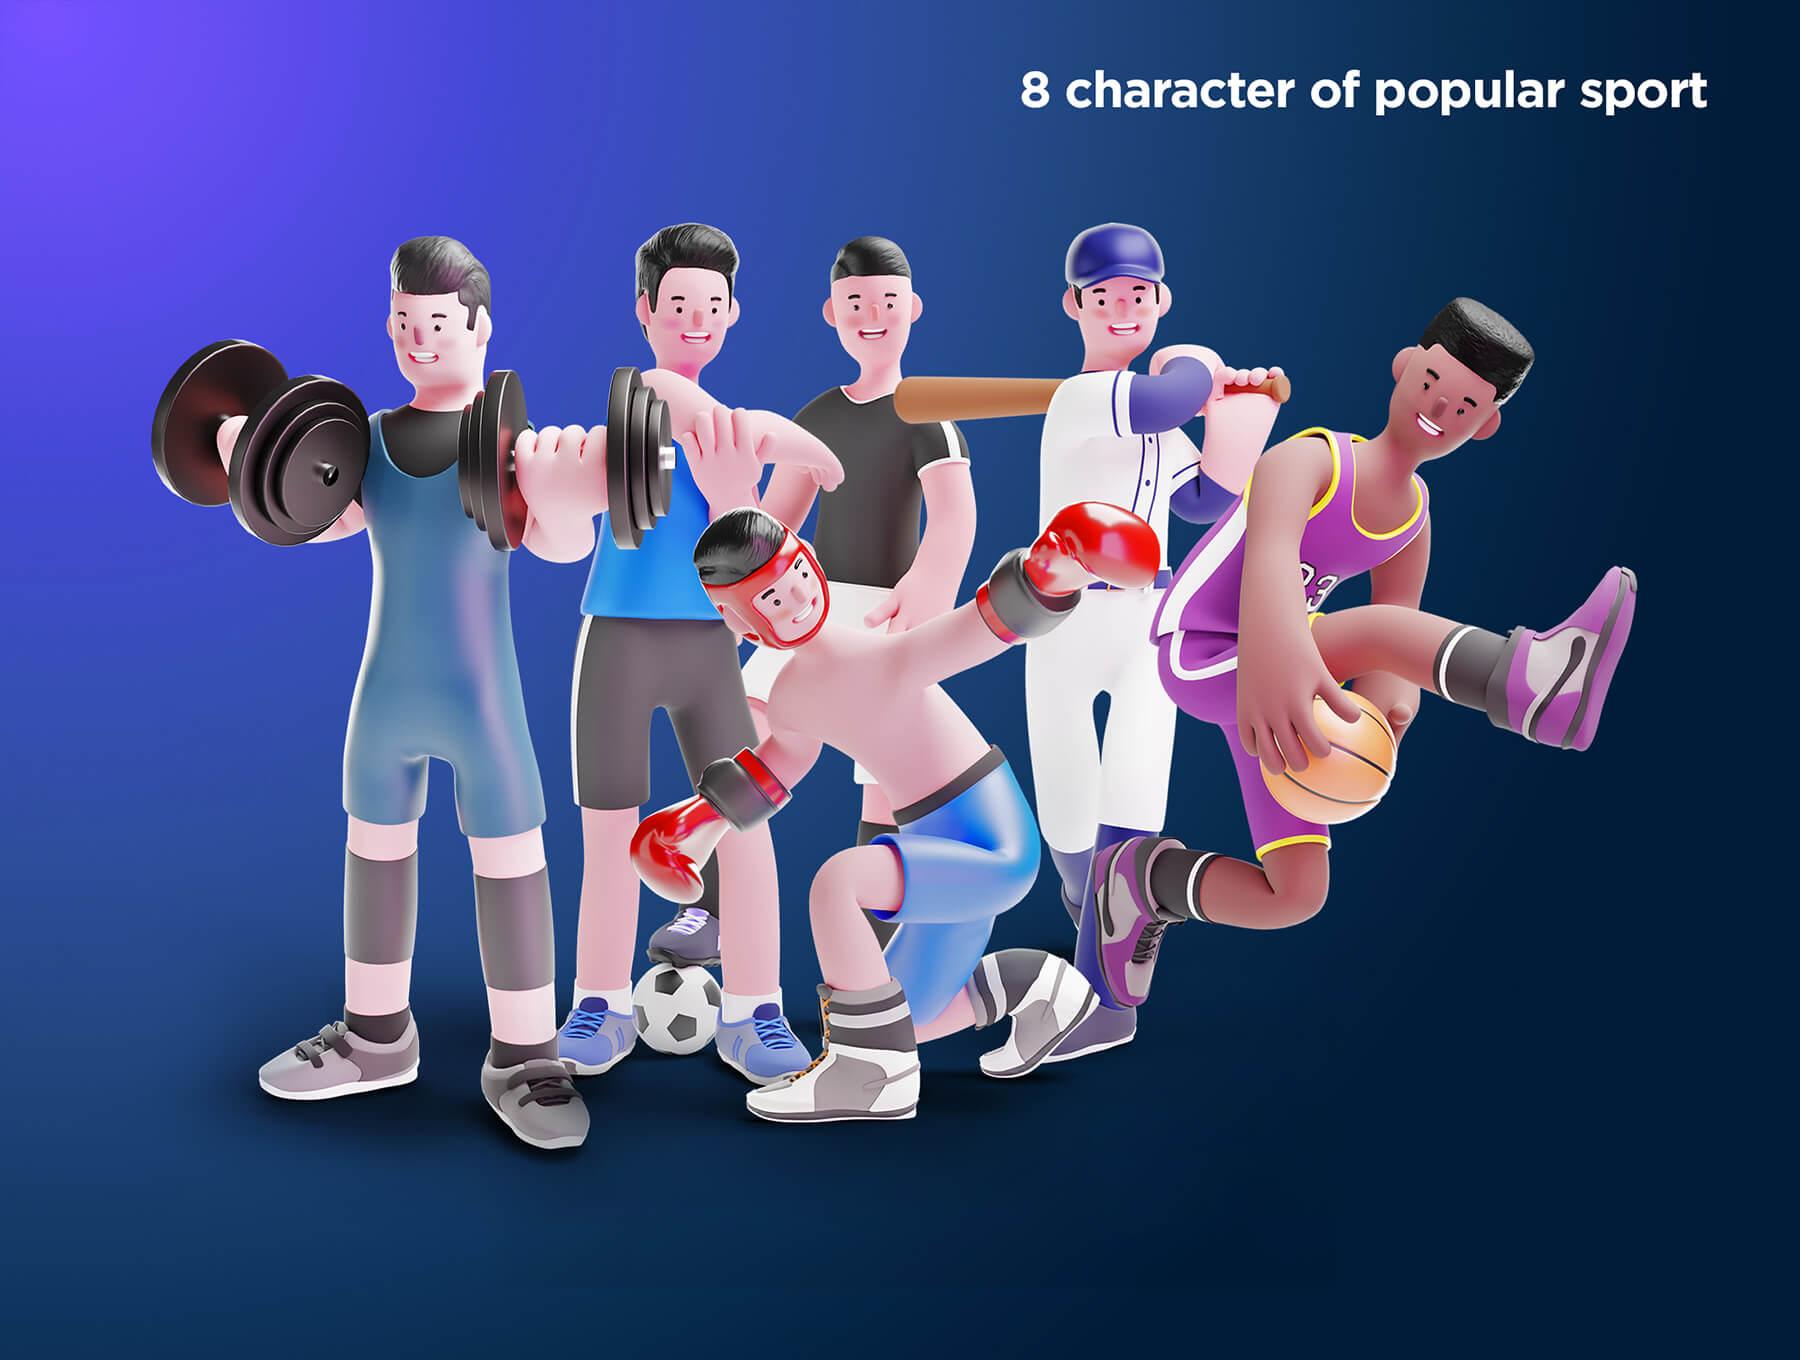 一套3D角色运动类插画和3D运动元素ICON素材包